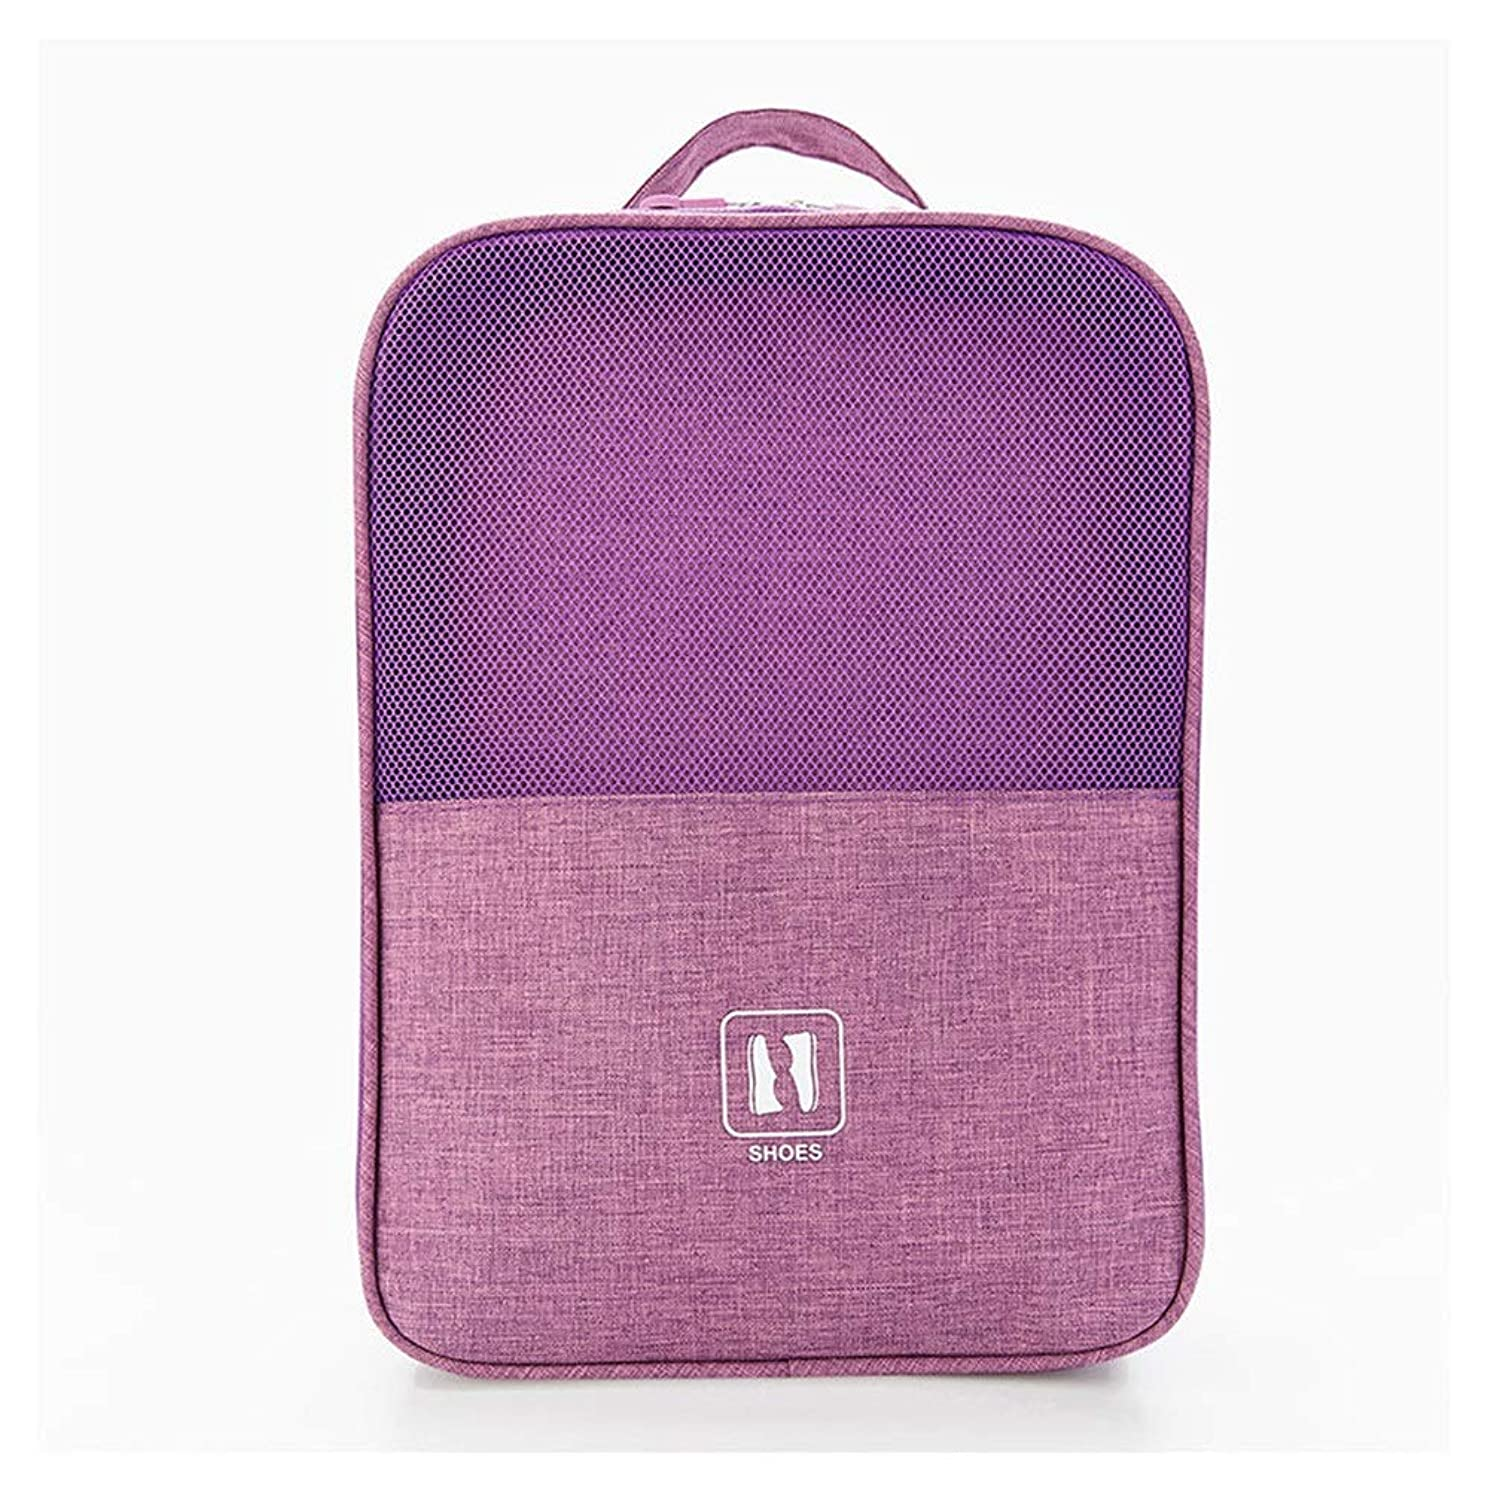 インストールカロリーバケット旅行用収納袋 靴収納袋パッキングキューブ旅行主催者防水旅行アクセサリー ハンドロールアップ再利用可能な服 (色 : Purple, Size : Free size)